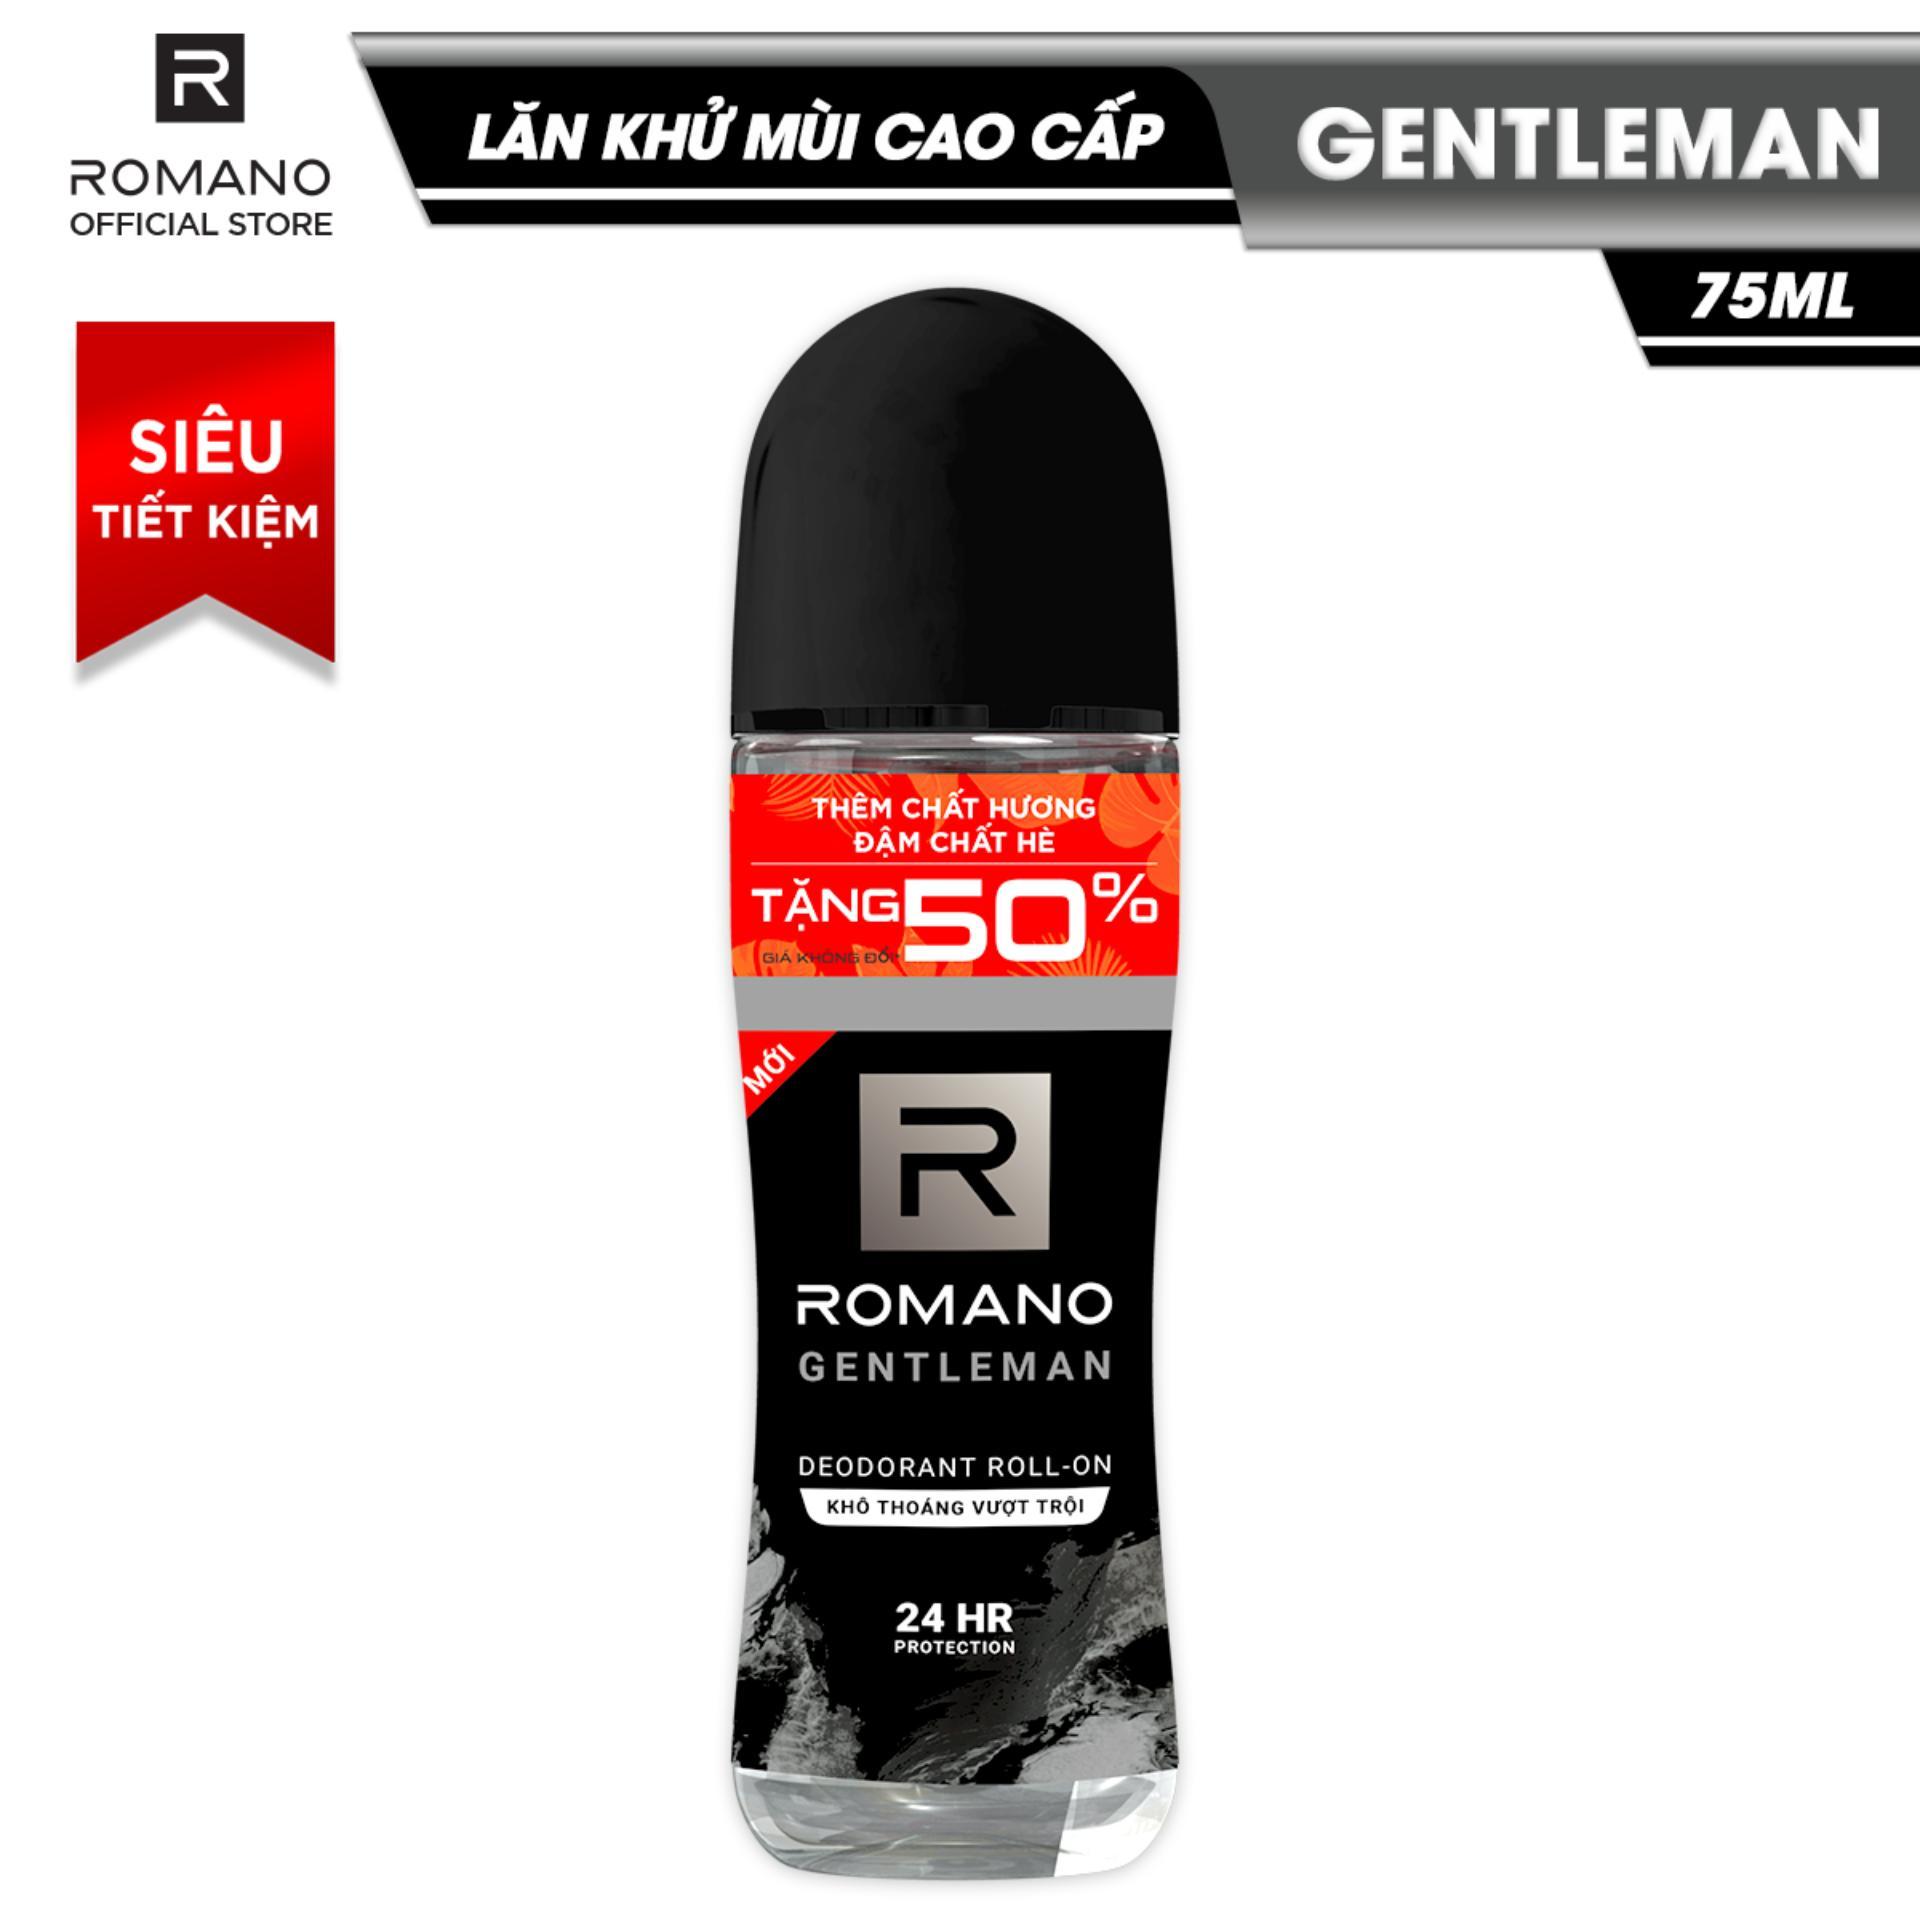 Lăn khử mùi cao cấp Romano Gentleman 75ml (TẶNG 50%) nhập khẩu